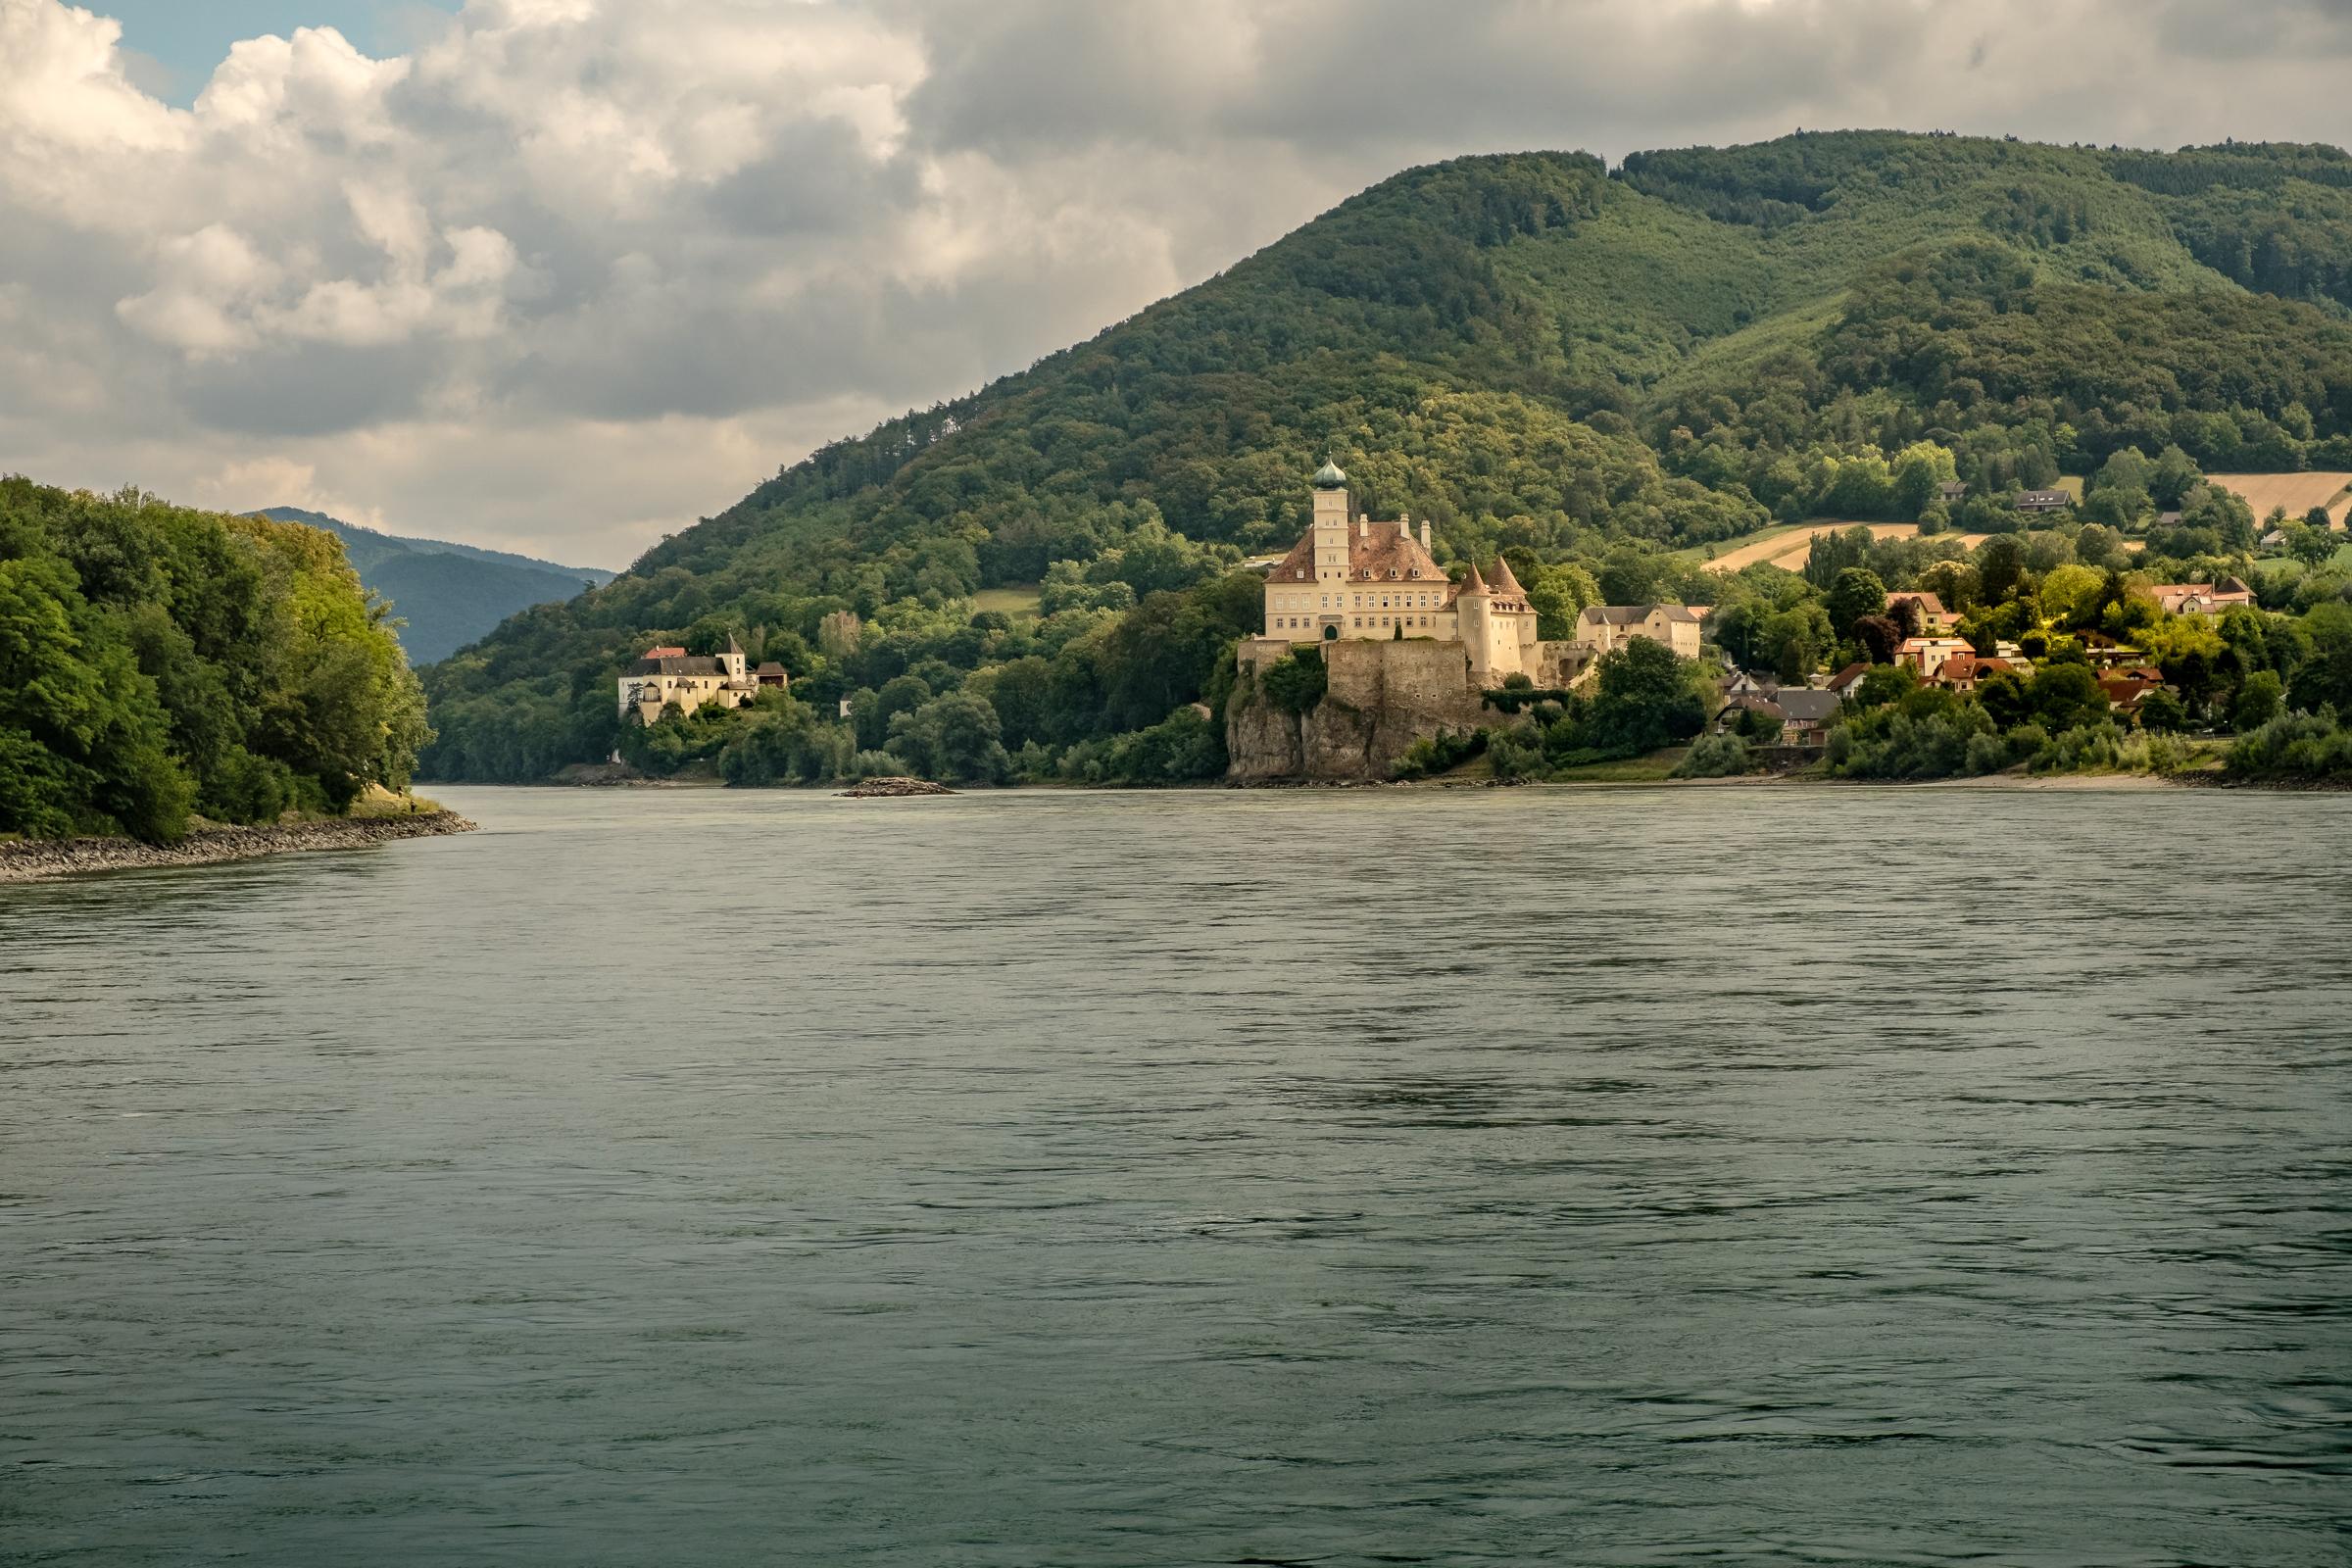 Approaching Castle